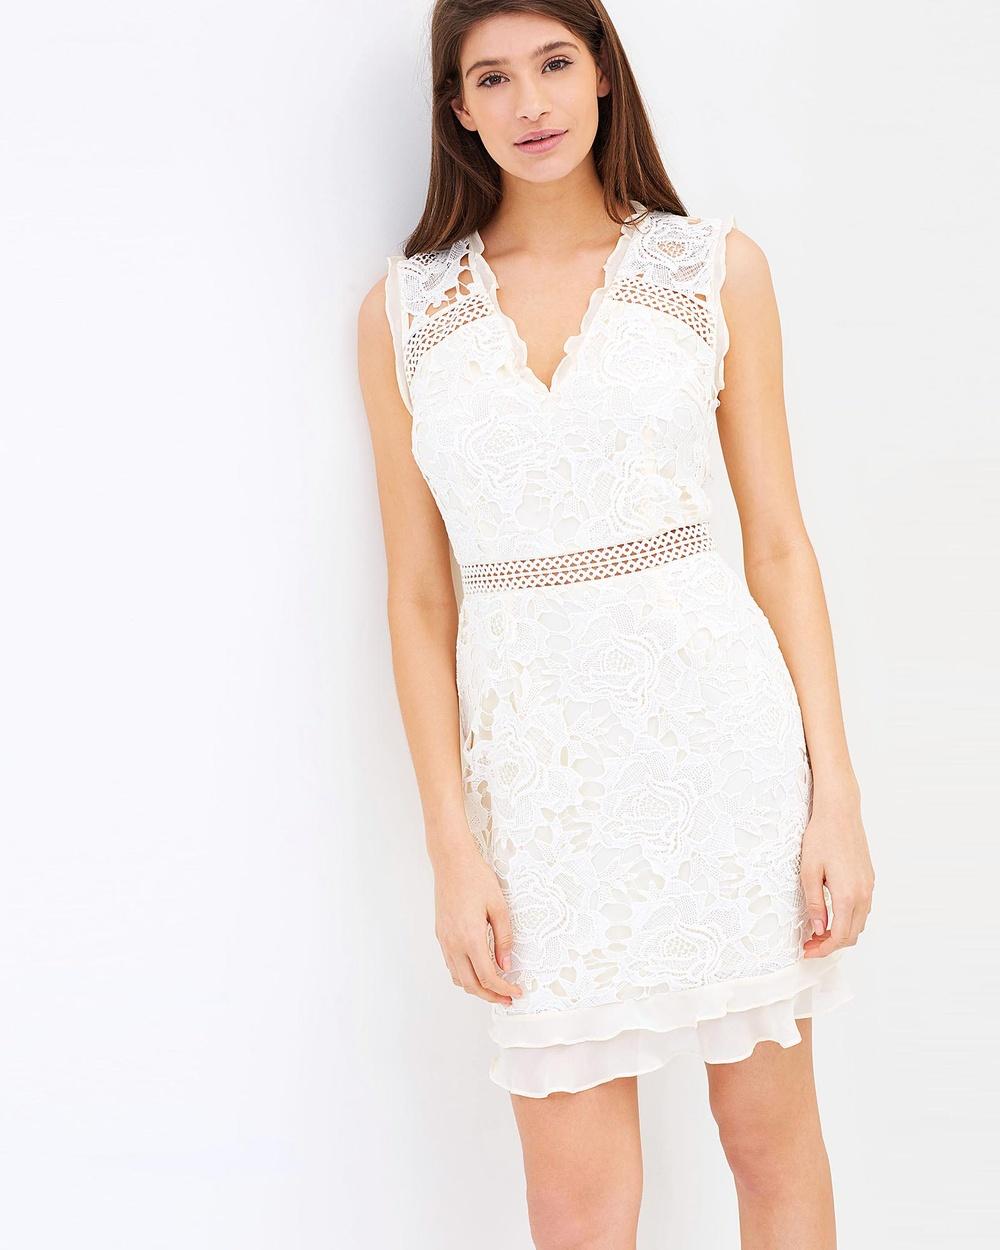 Cooper St Lustrous Lace V Neck Dress Bodycon Dresses Coconut Milk Lustrous Lace V-Neck Dress